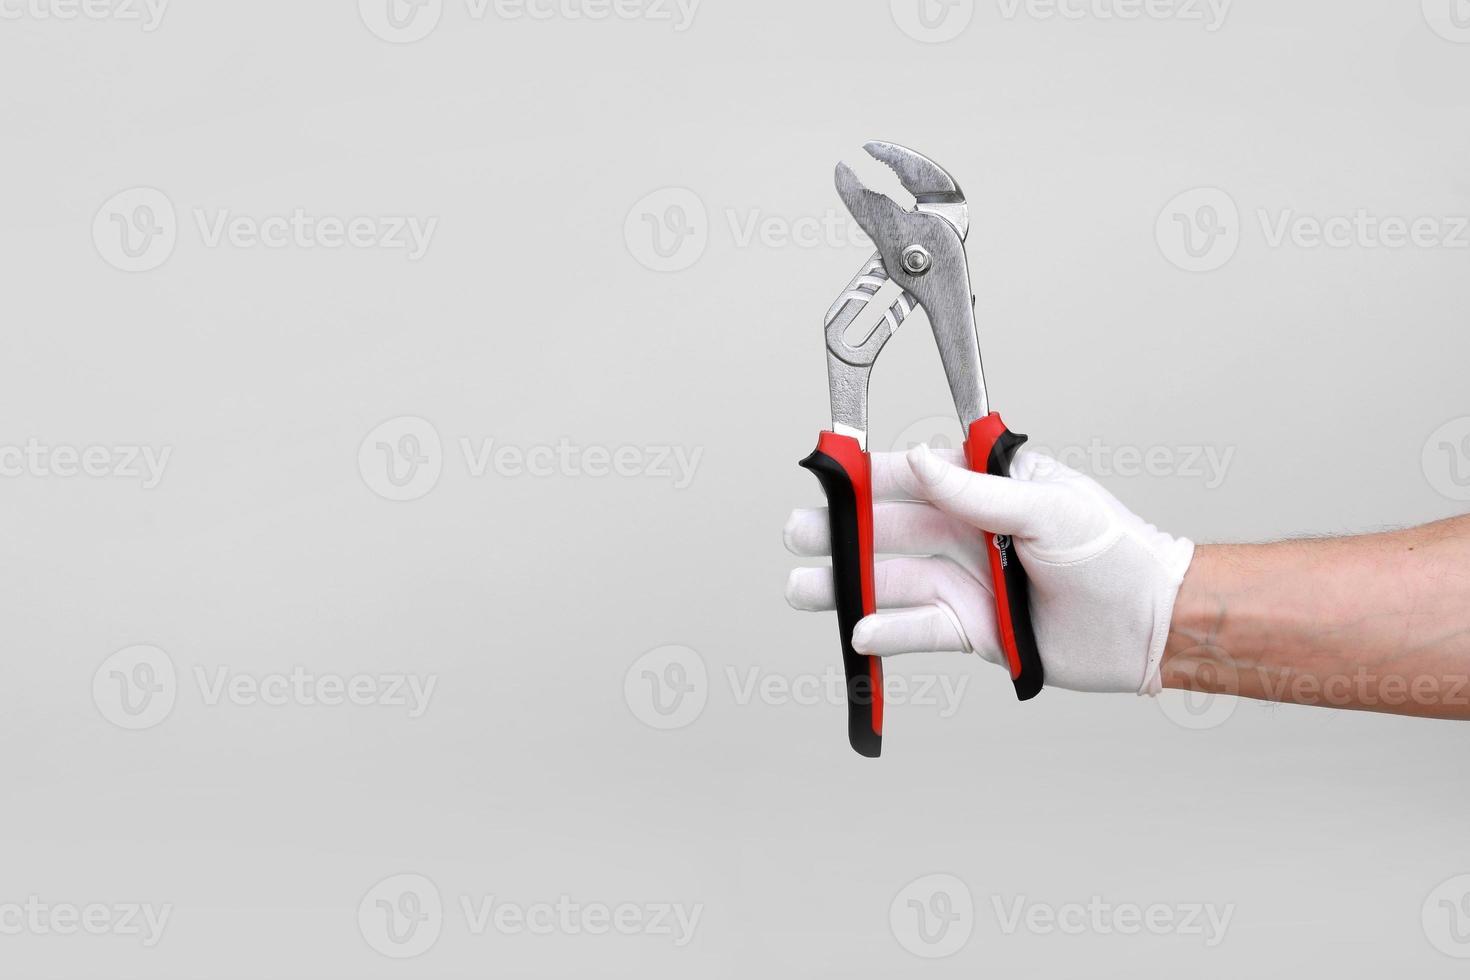 equipaggia la mano con un guanto bianco sollevato che tiene una pinza per attrezzi nera e rossa, un tagliafili. isolato su sfondo bianco. forma aperta, pulita, pronta per il taglio. simulare lo spazio della copia foto